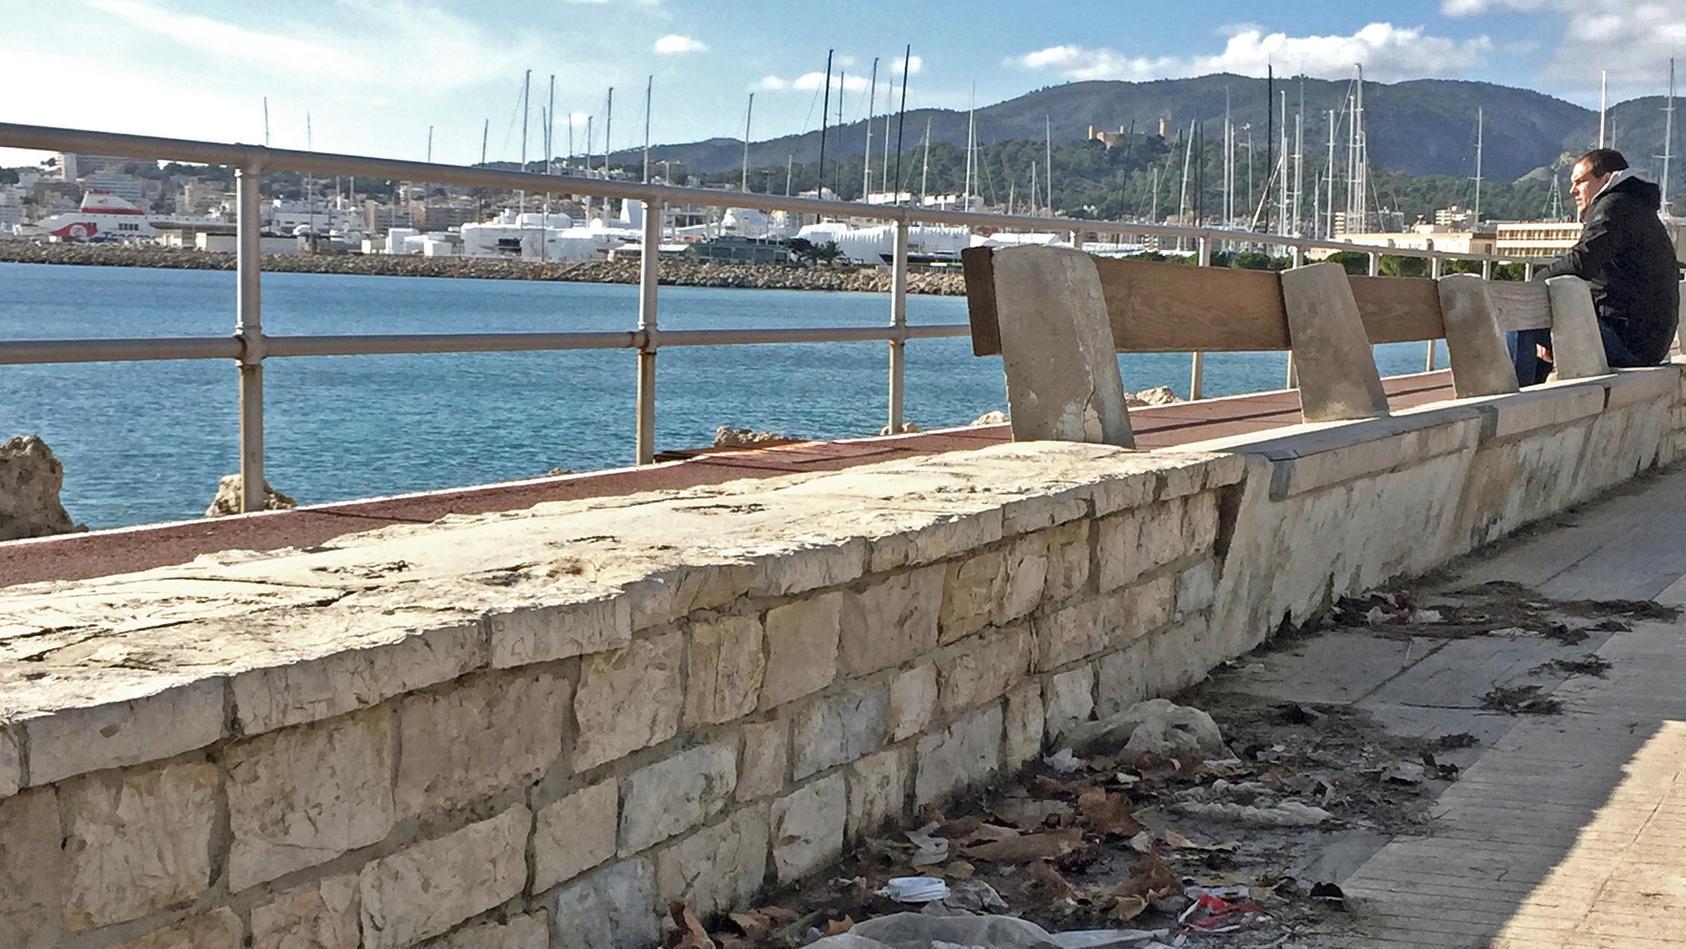 An den Strandpromenaden Mallorcas zeigt sich das Ausmaß des Müllproblems.